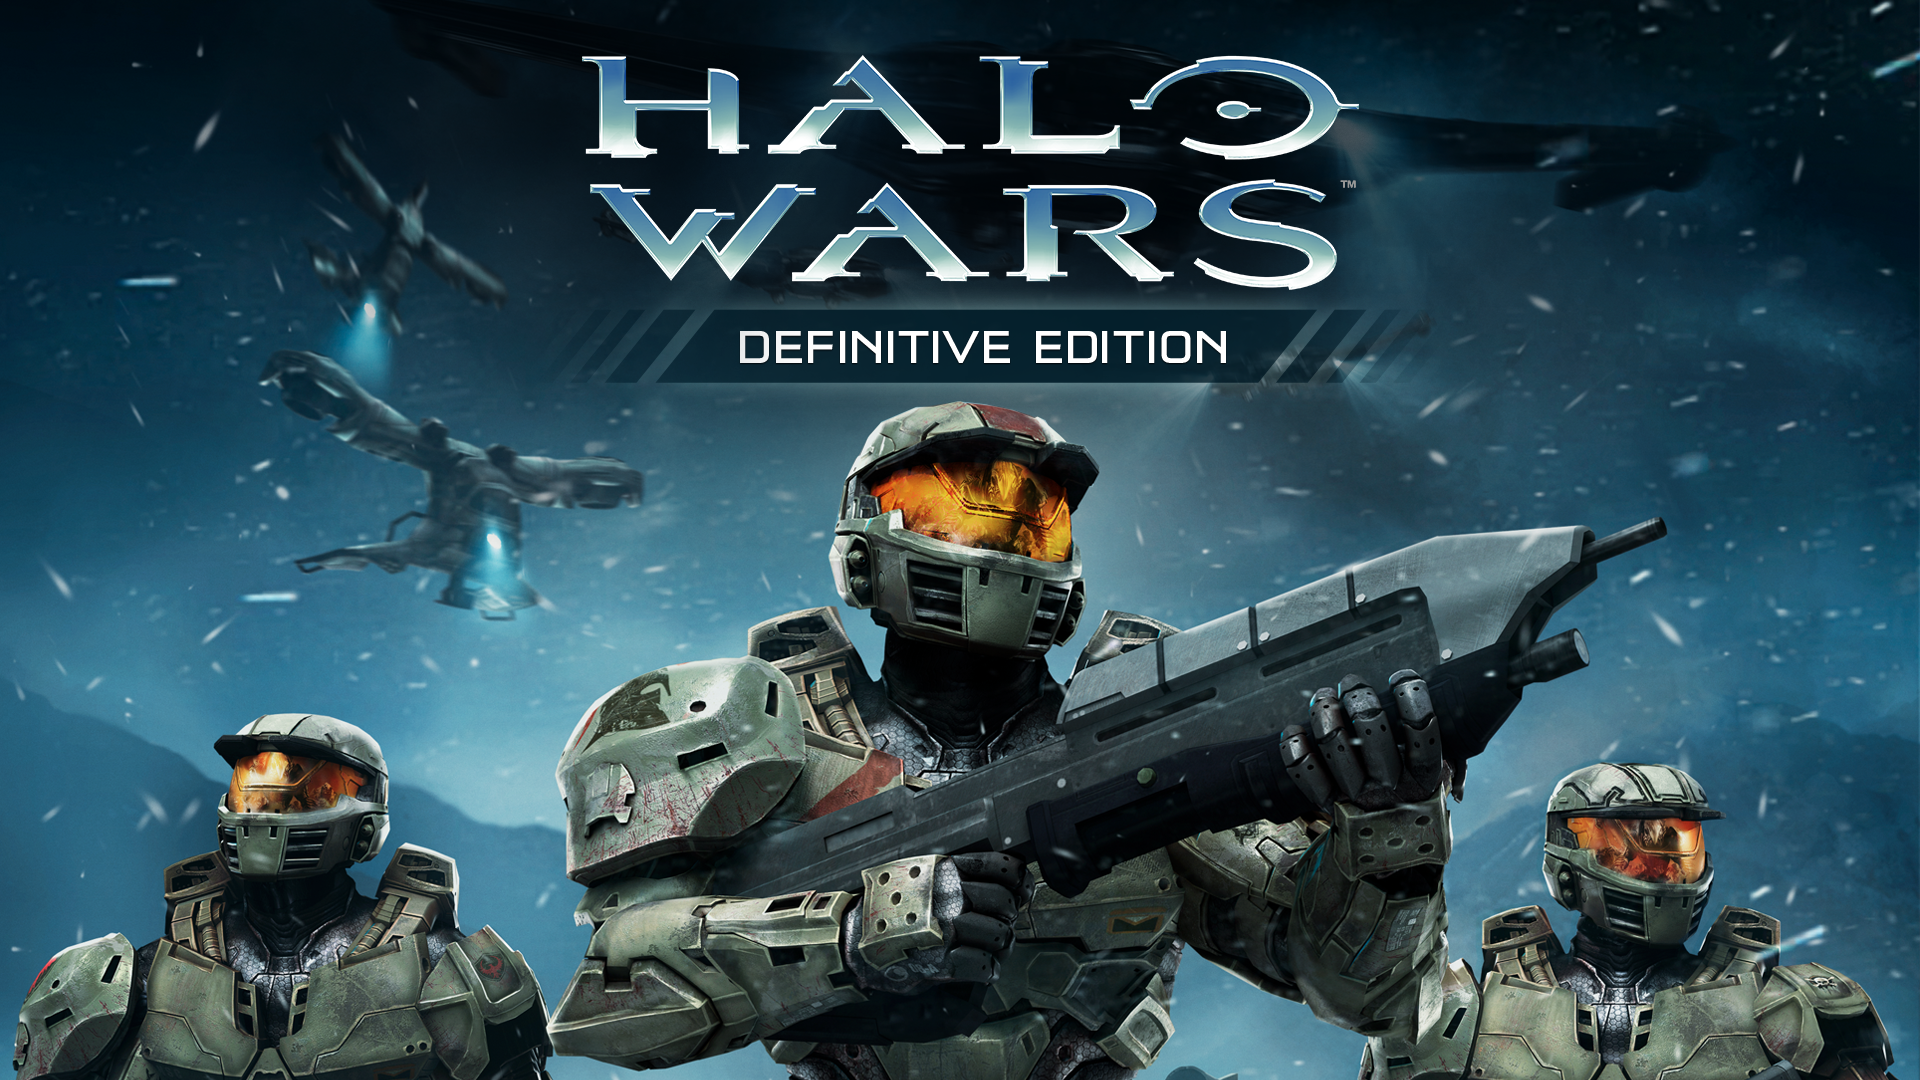 Halo Wars: The Definitive Edition telecharger gratuit de PC et Torrent